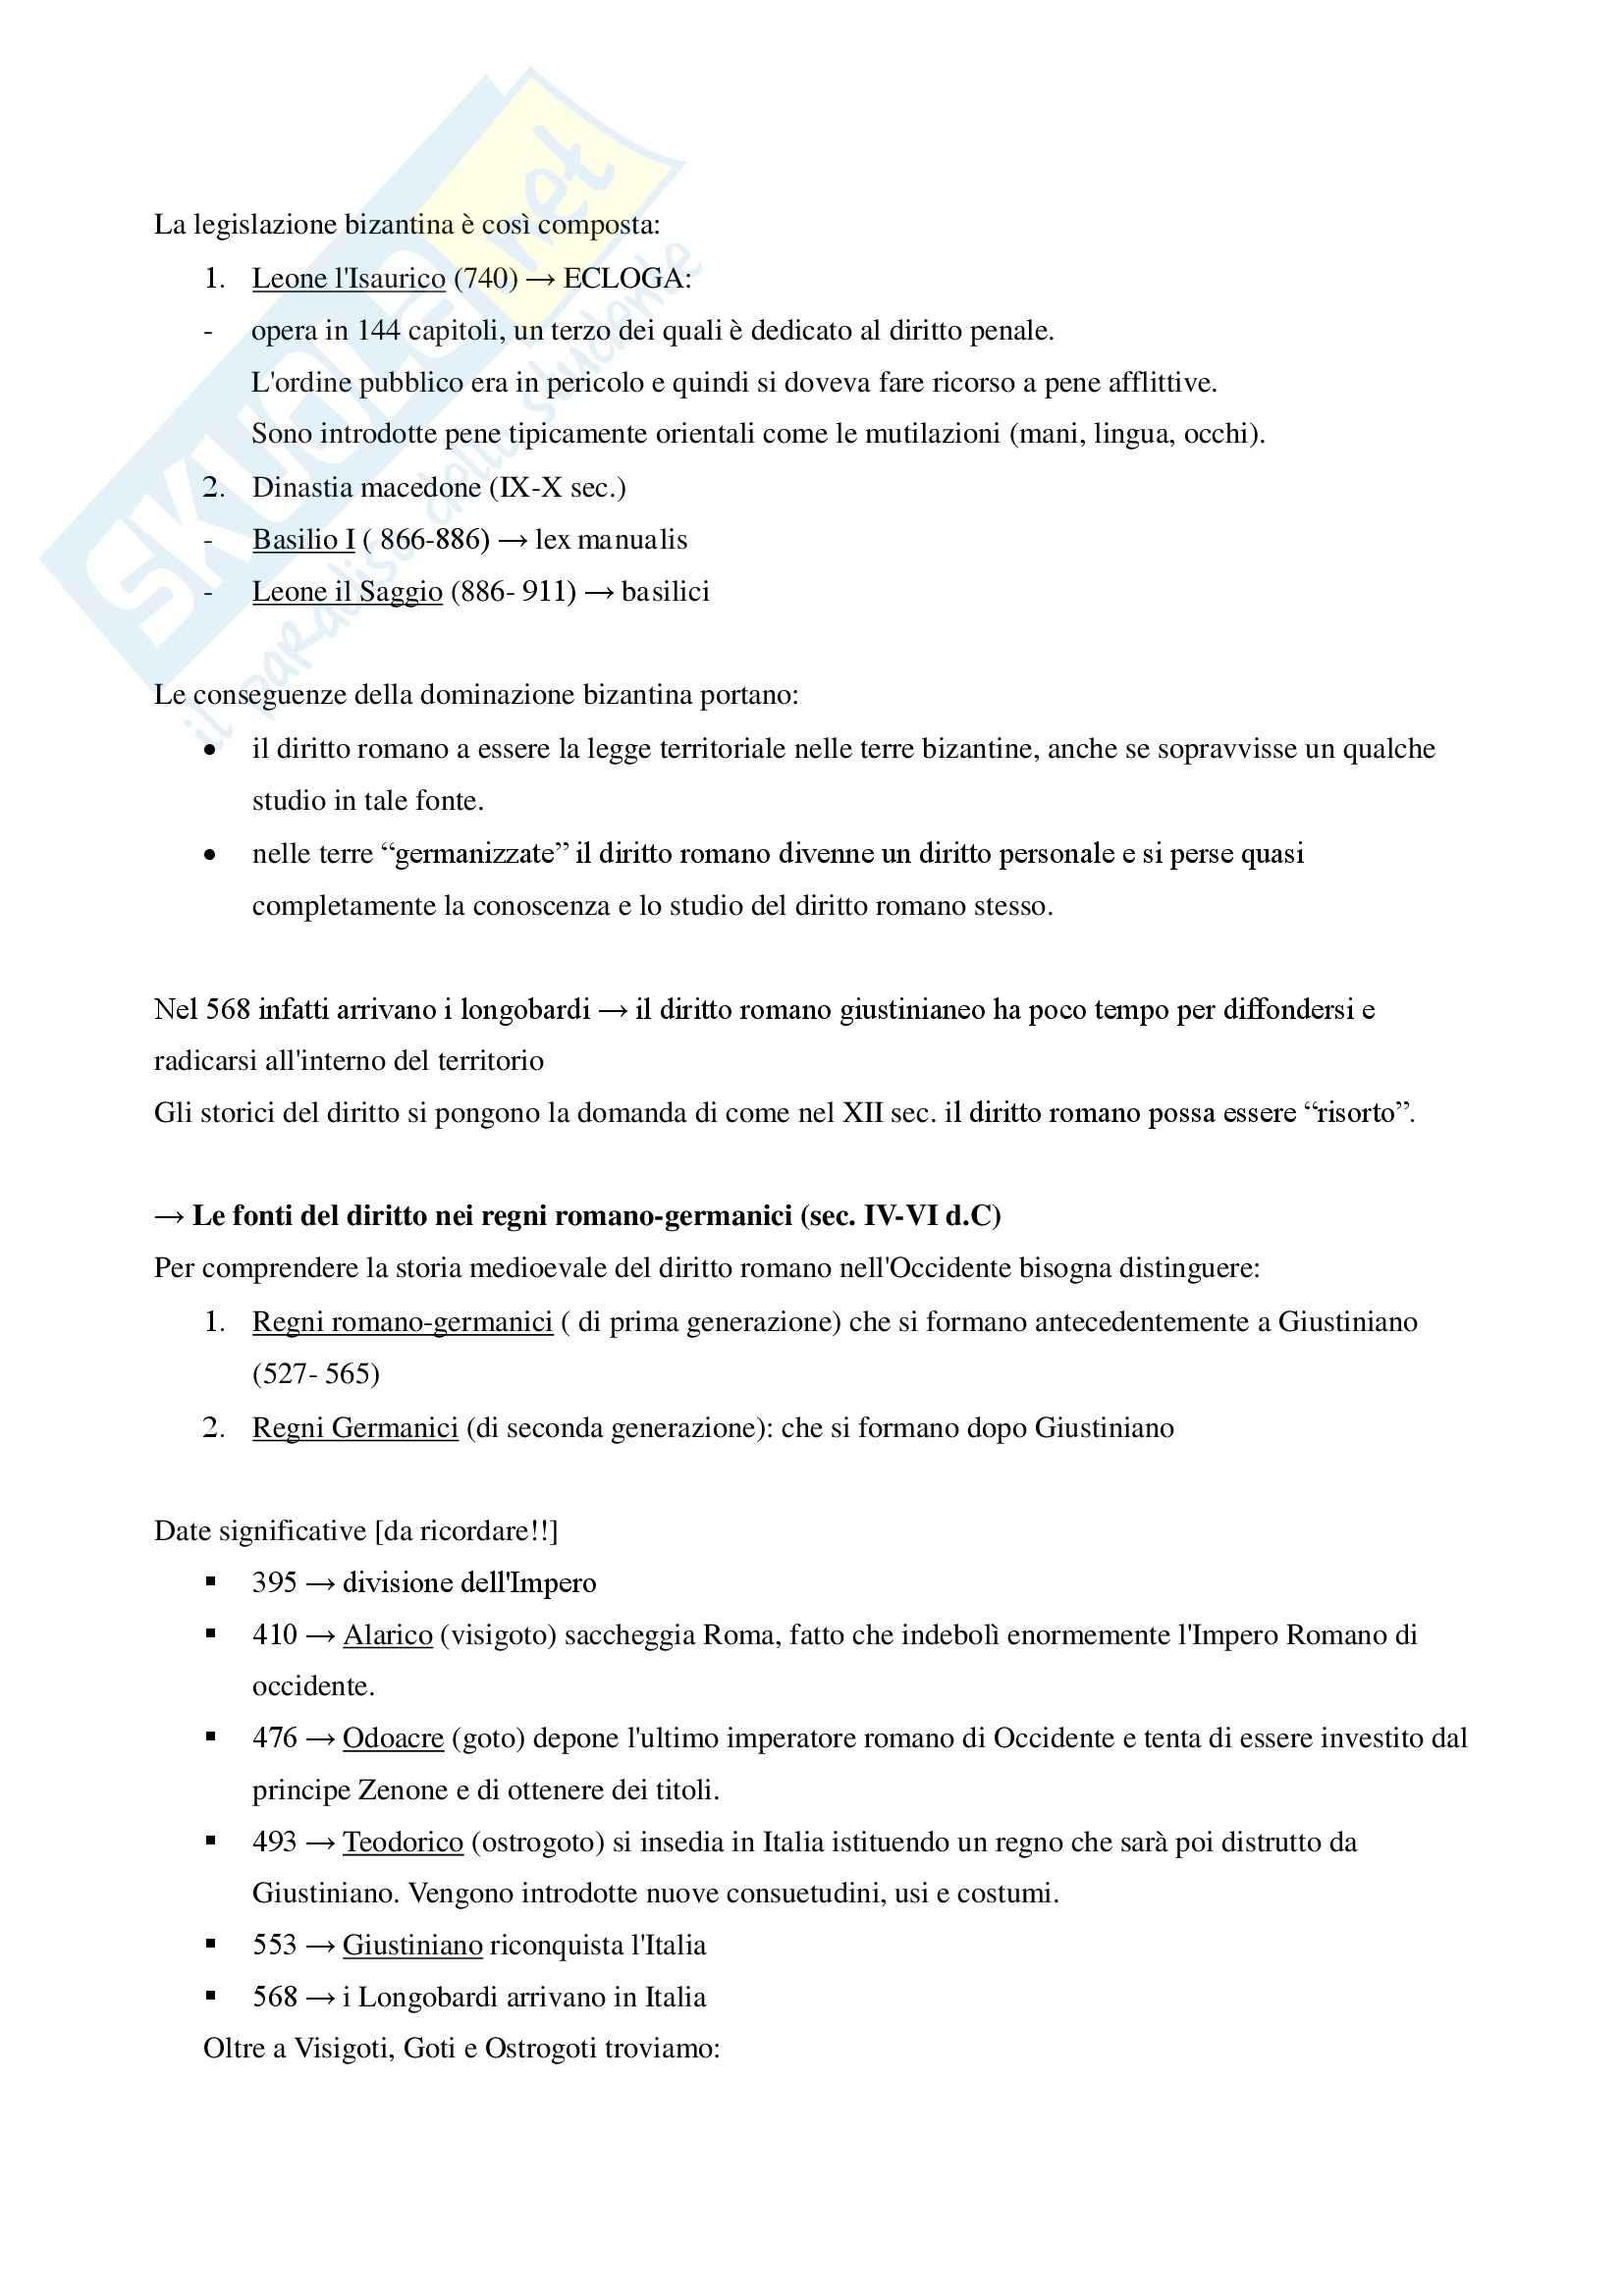 Appunti delle lezioni di storia del diritto medievale e moderno della professoressa Roberta Braccia Pag. 6